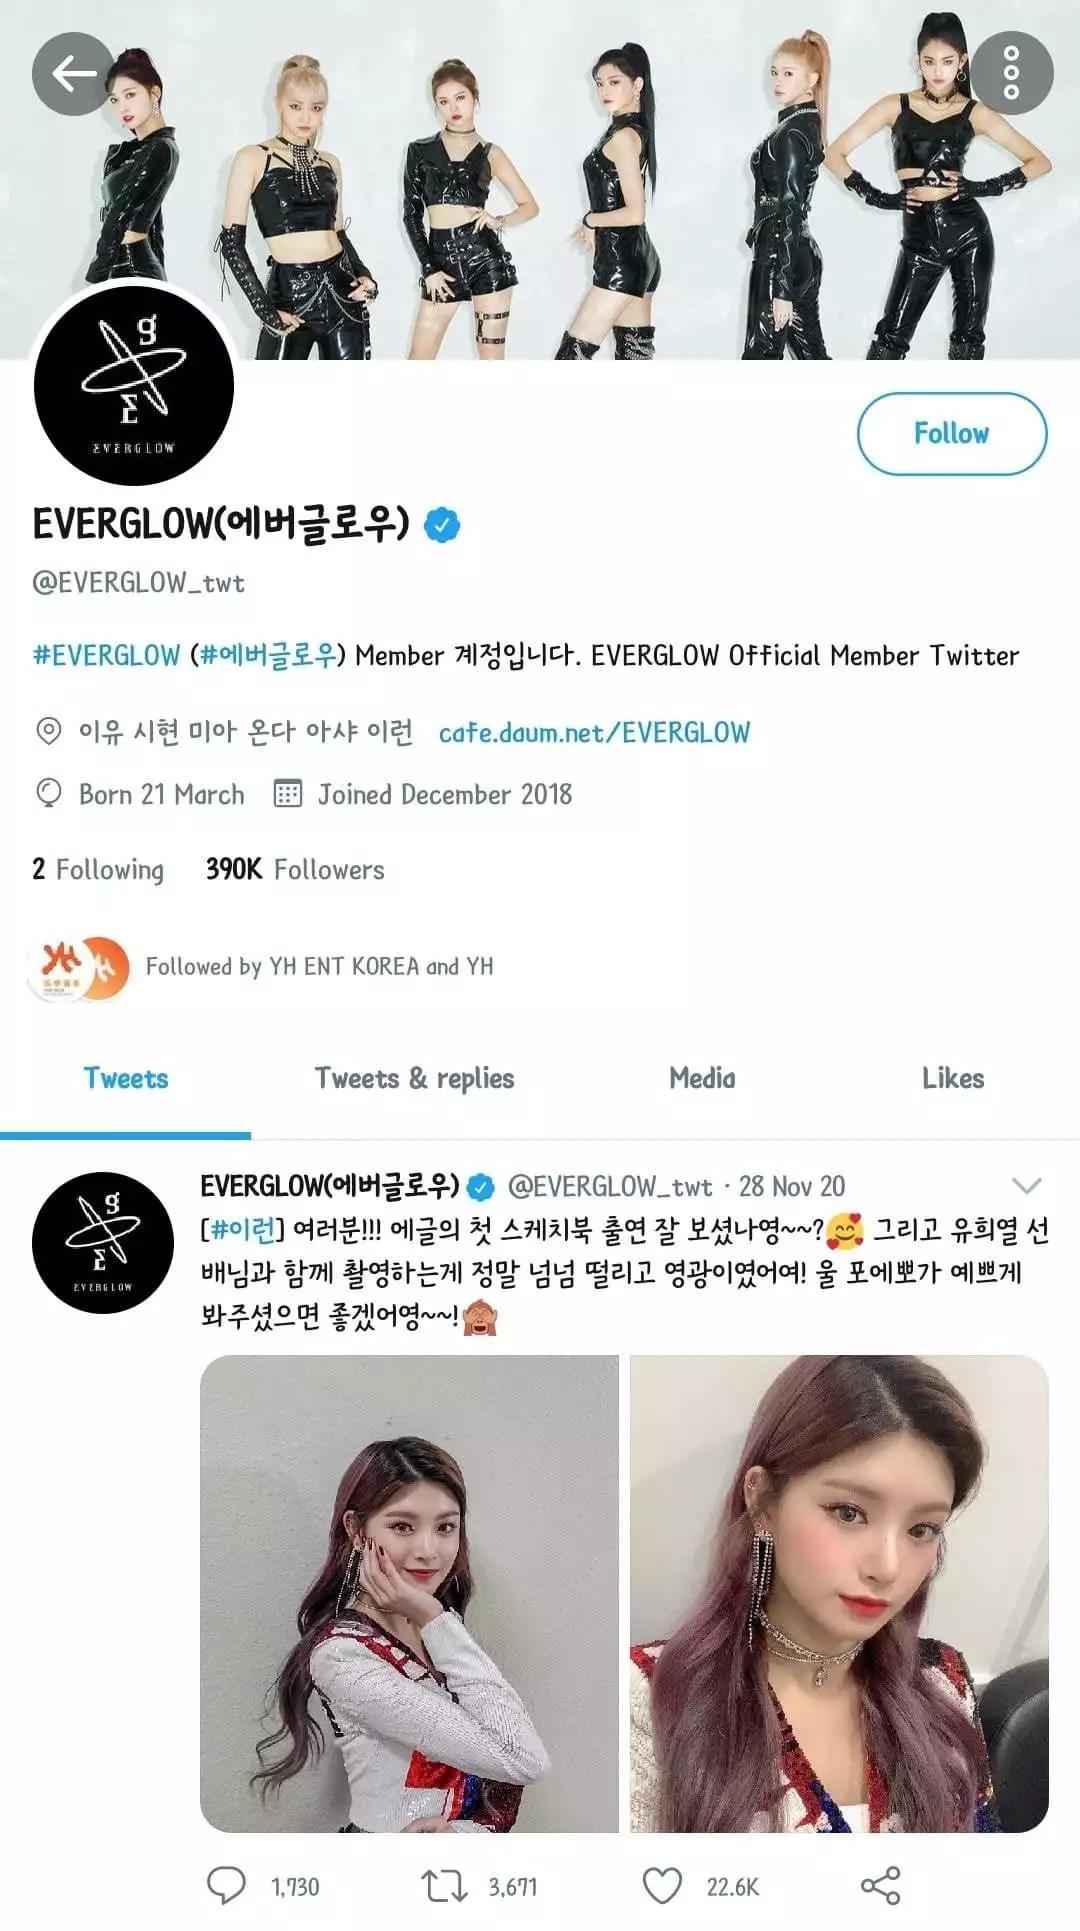 成员确诊新冠后毫无消息,EVERGLOW公司处理手法韩网热论